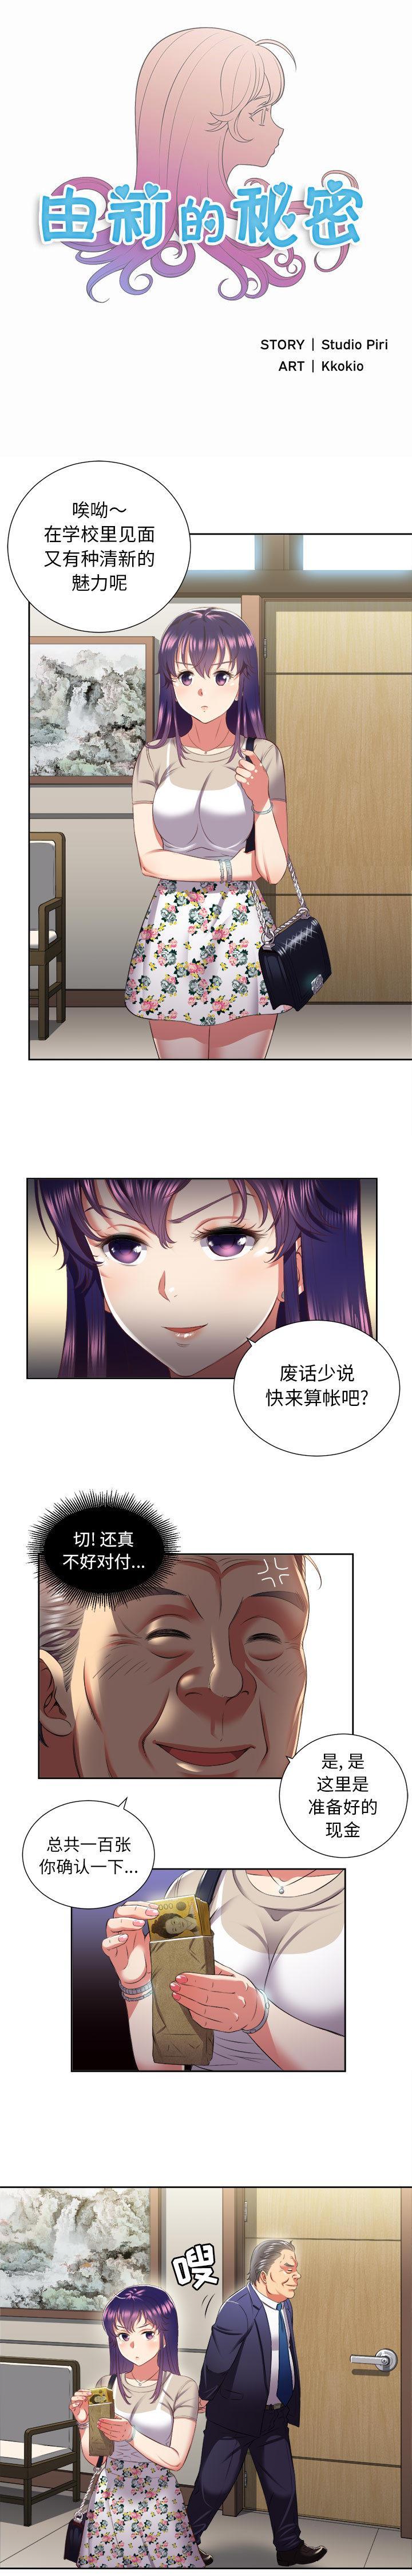 由莉的秘密1-60 中文翻译 (更新中) 146